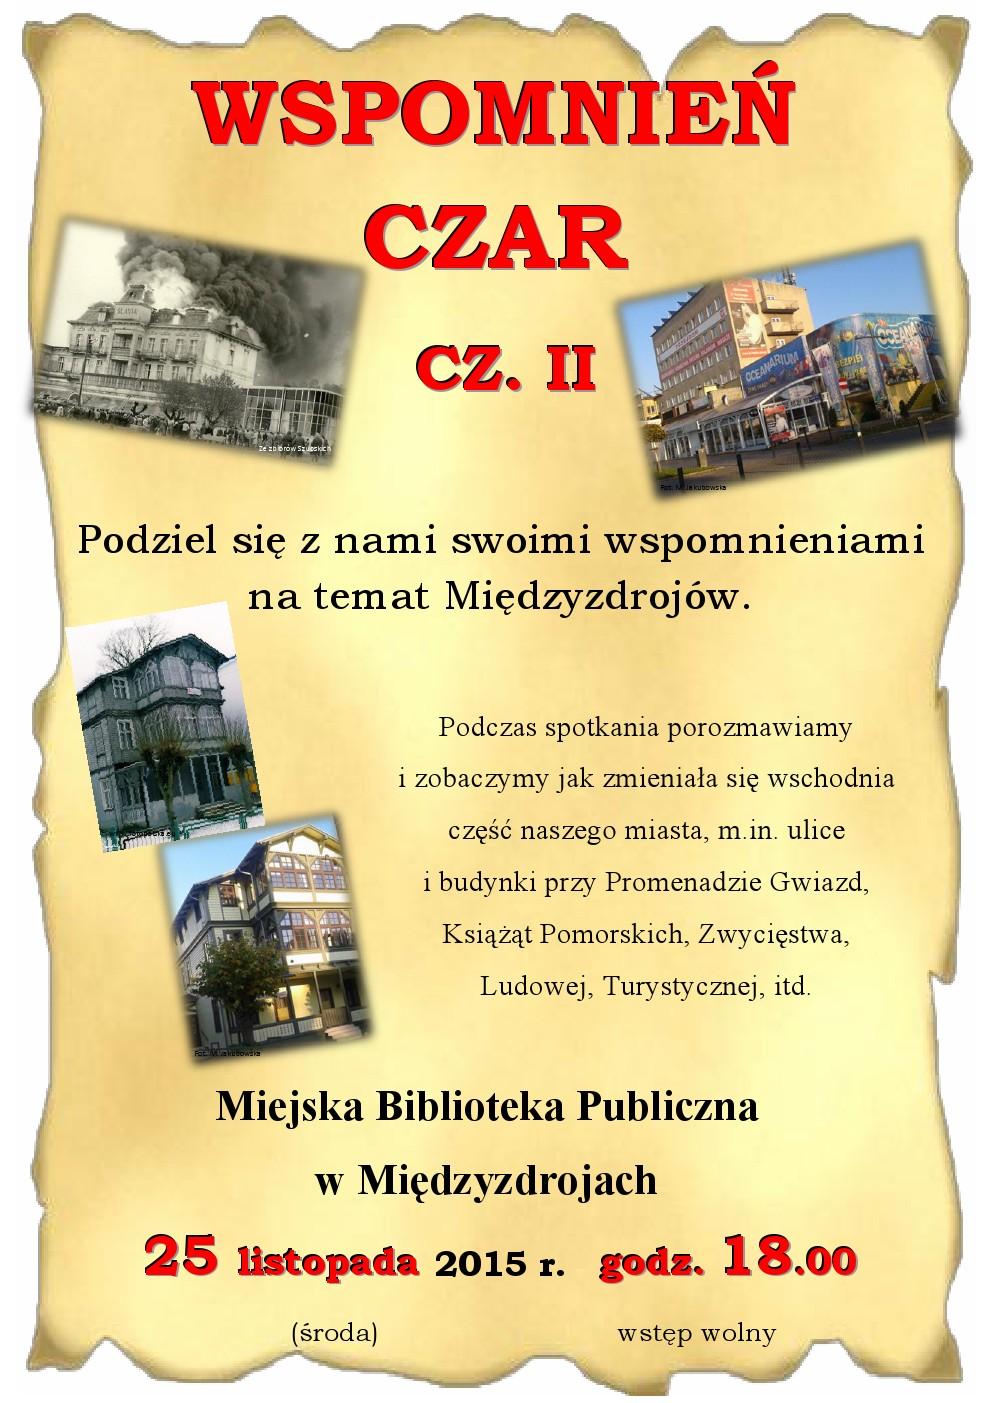 Wspomnień czar cz. II